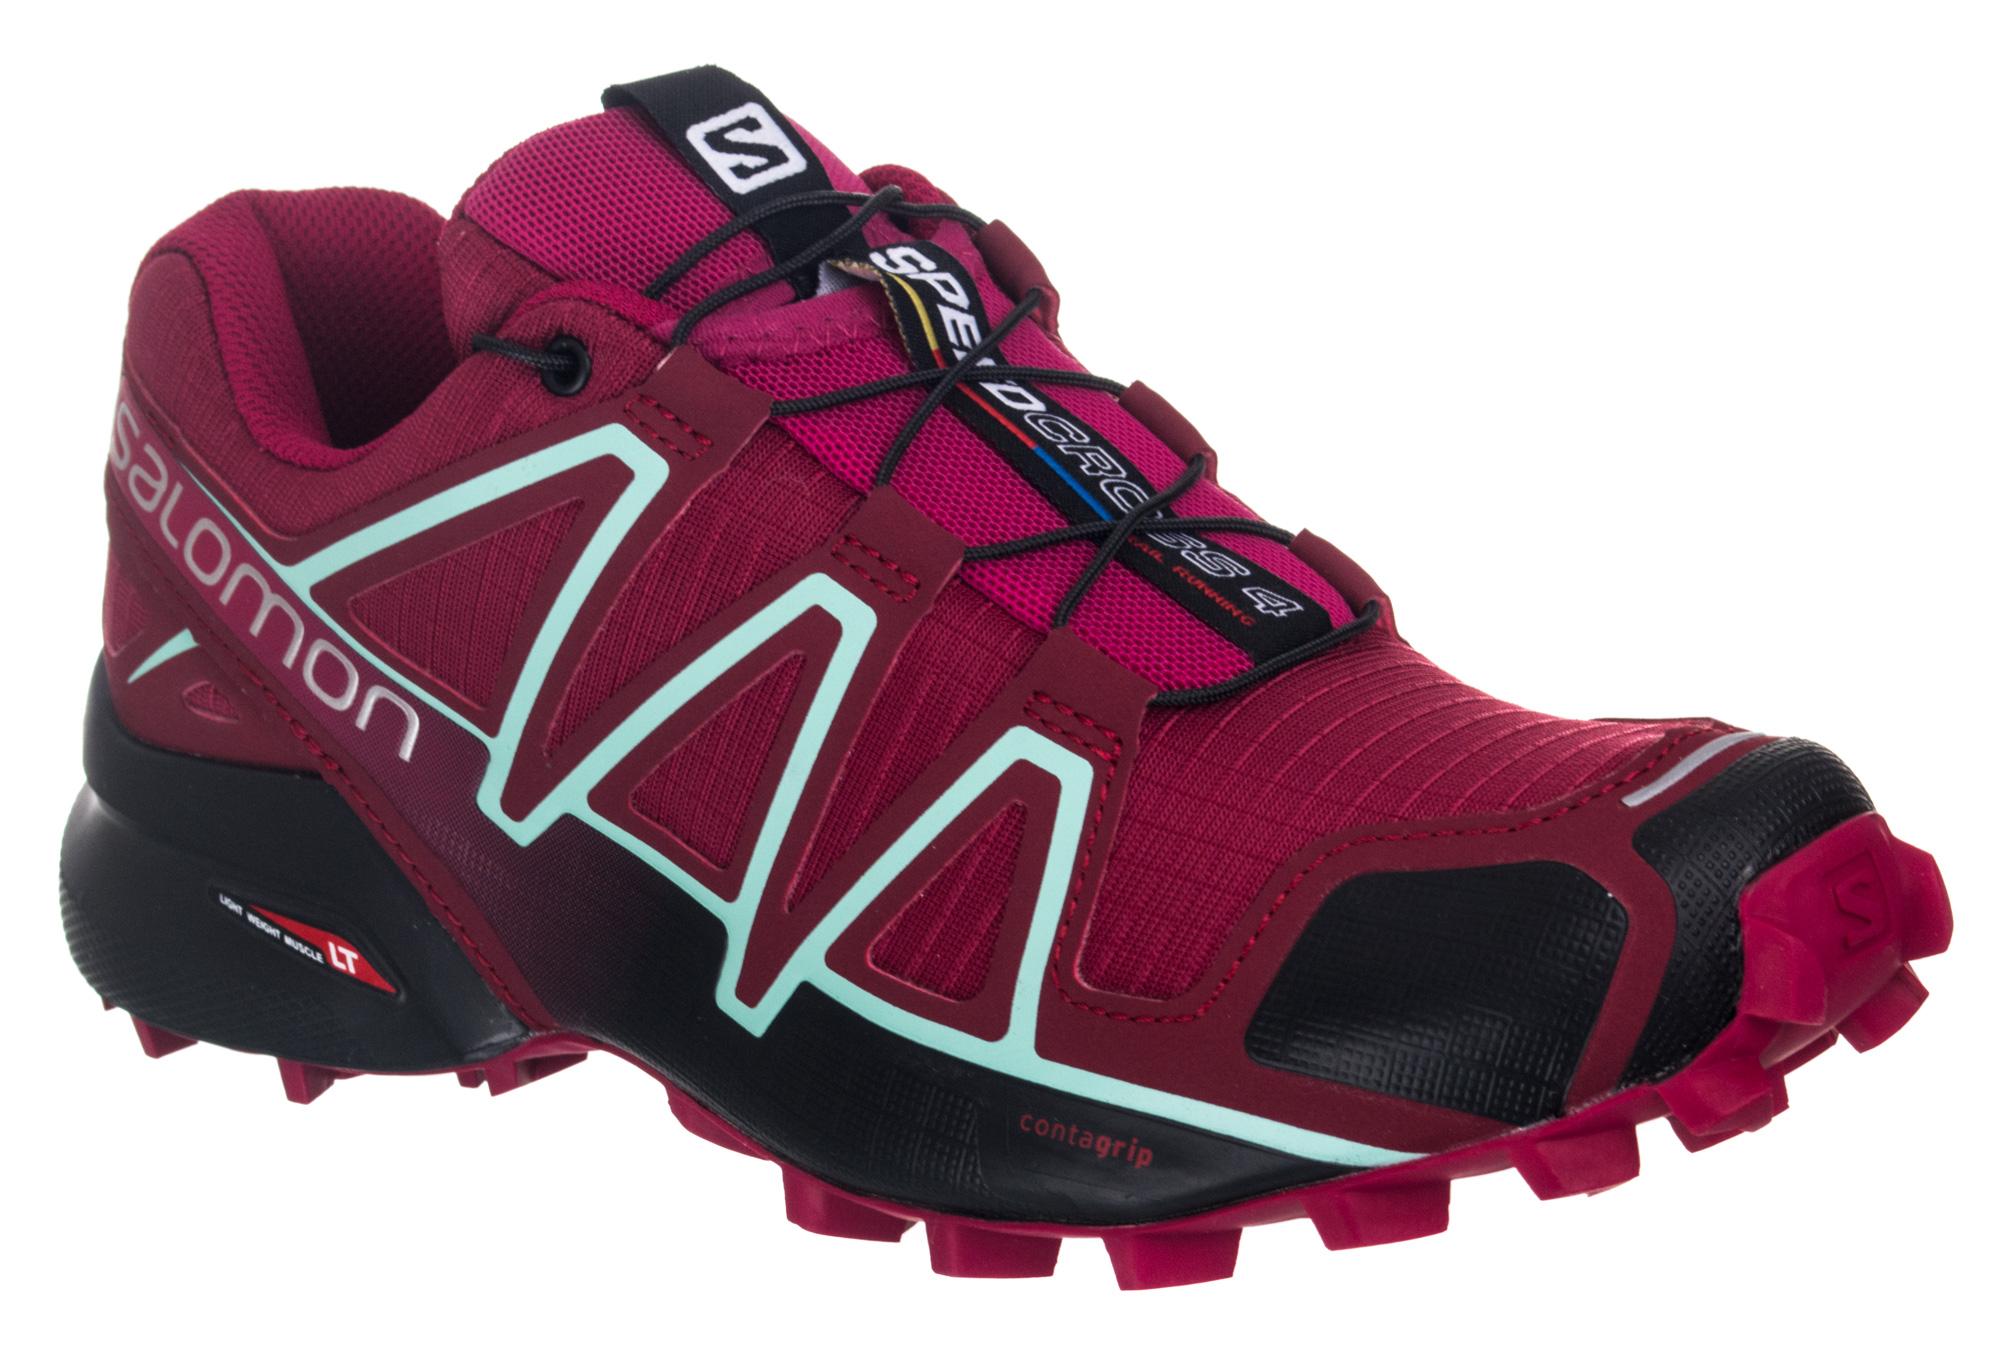 Calzature & Accessori rosa per donna Salomon Trail bLz3vYk3Gy